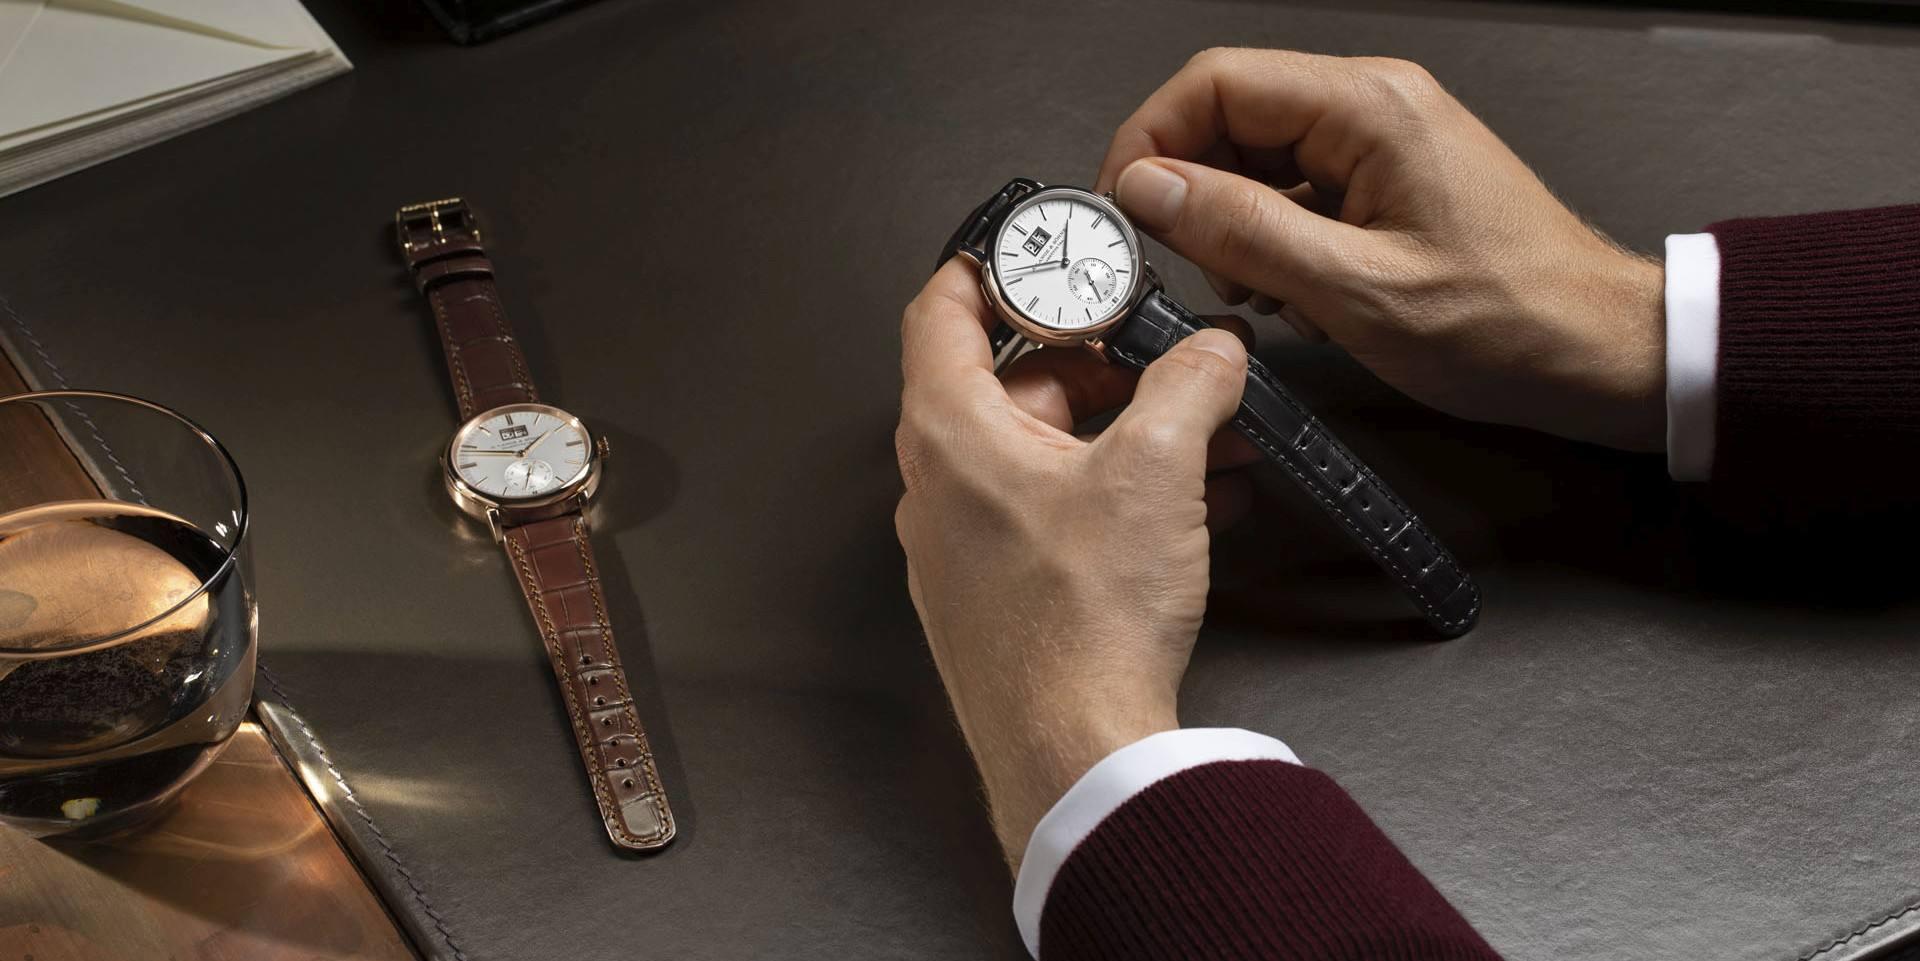 優雅大度新典範:朗格 Saxonia Outsize Date 銀白色錶盤款式